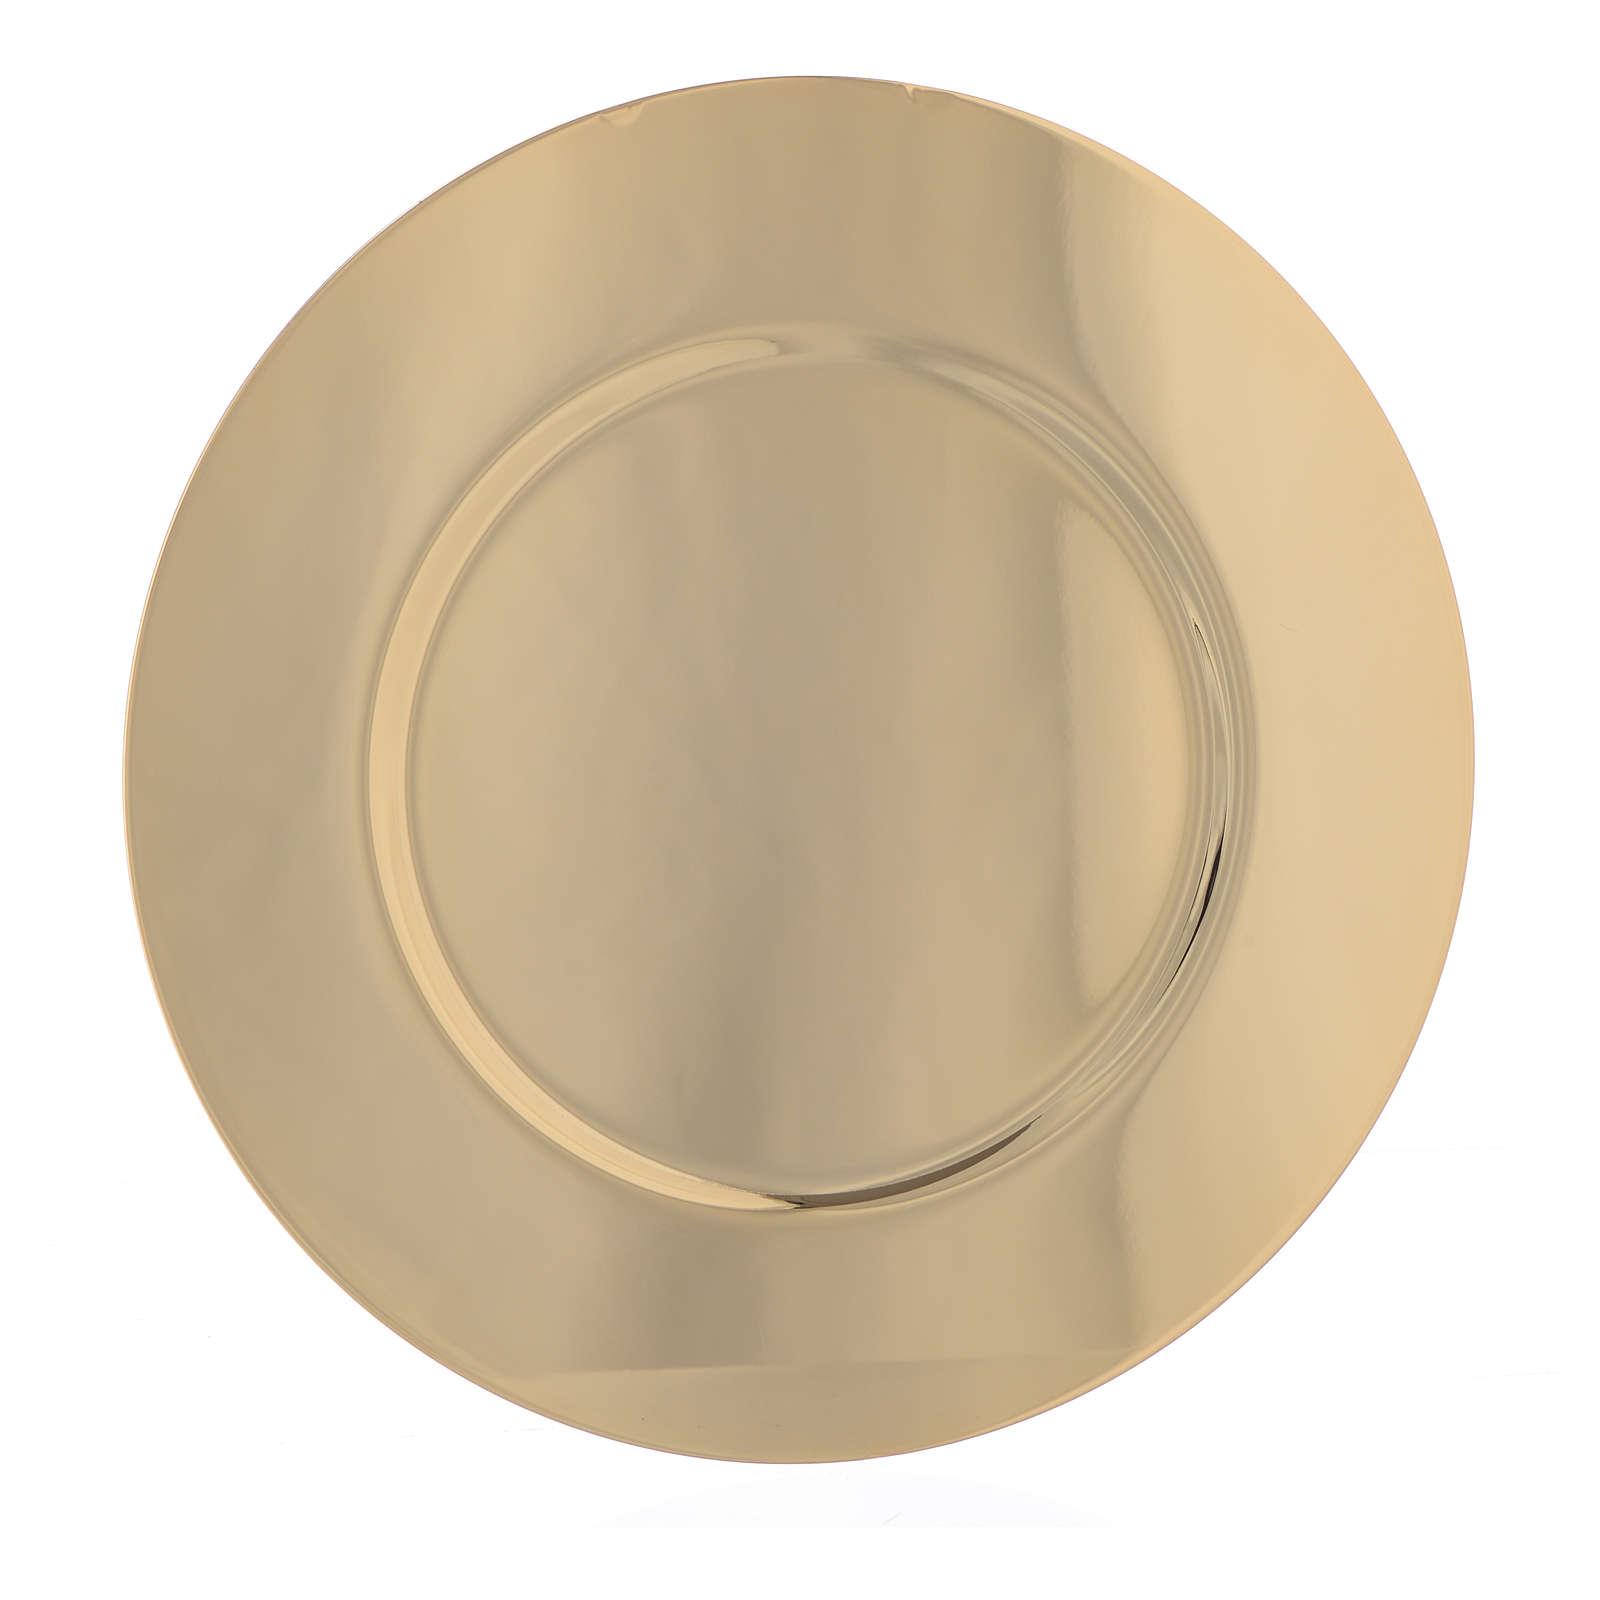 Bandeja latão dourado diâmetro 15,5 cm 4